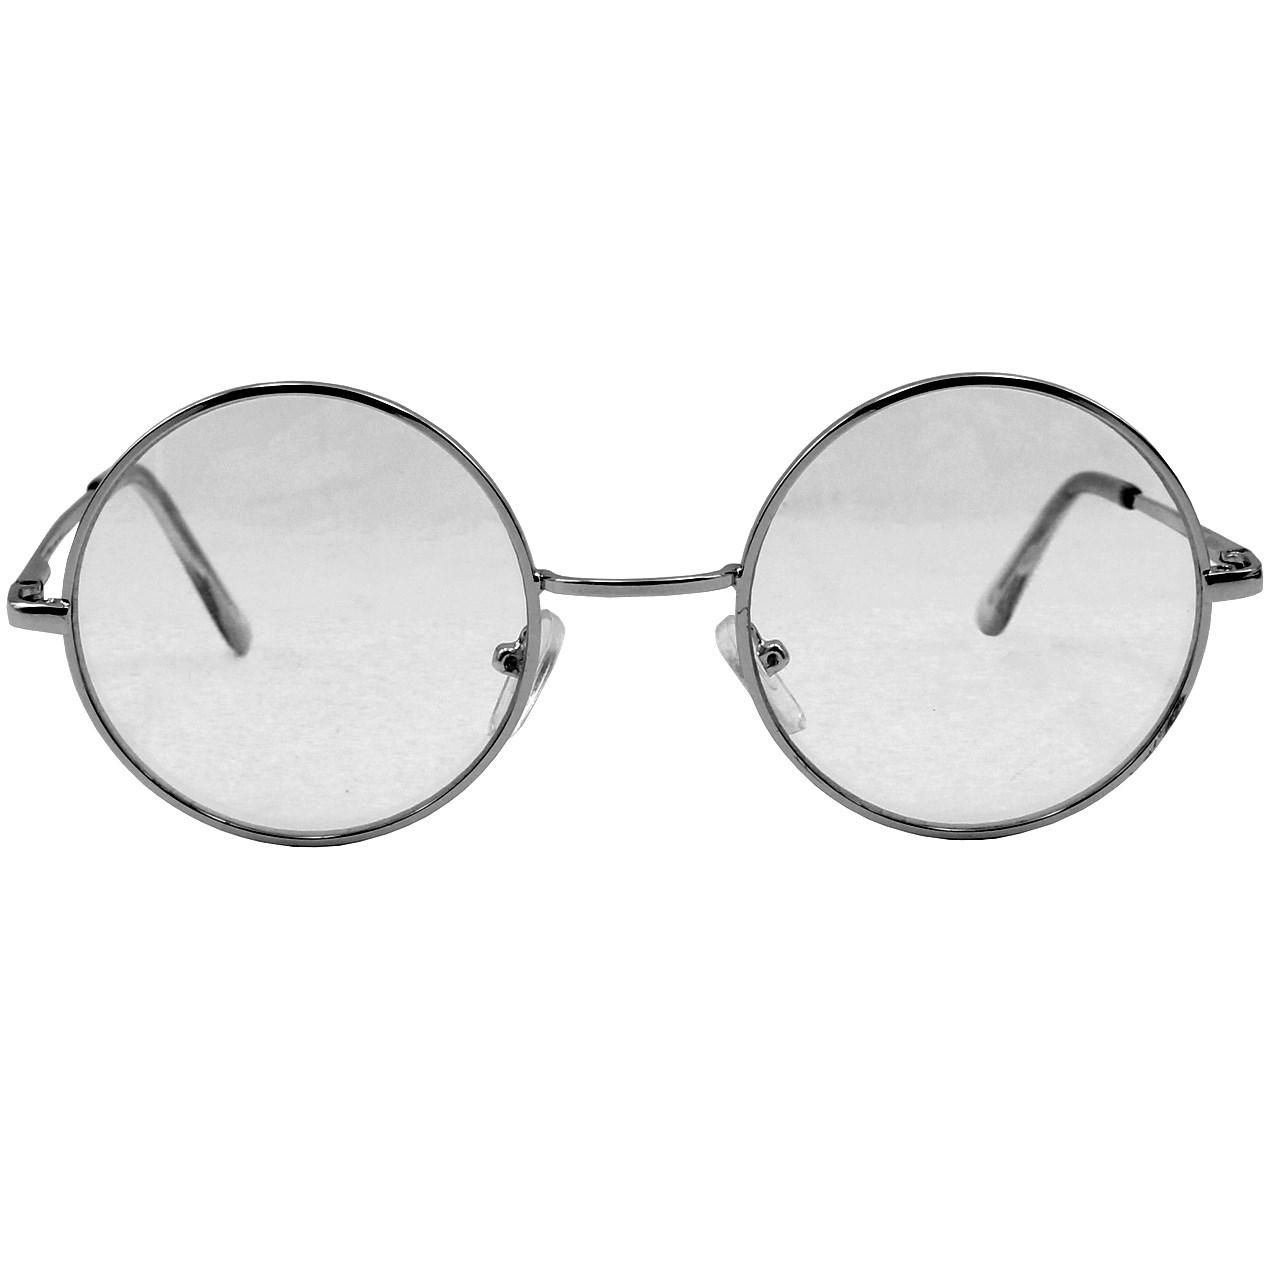 قیمت عینک ضد اشعه UV واته مدل Silver